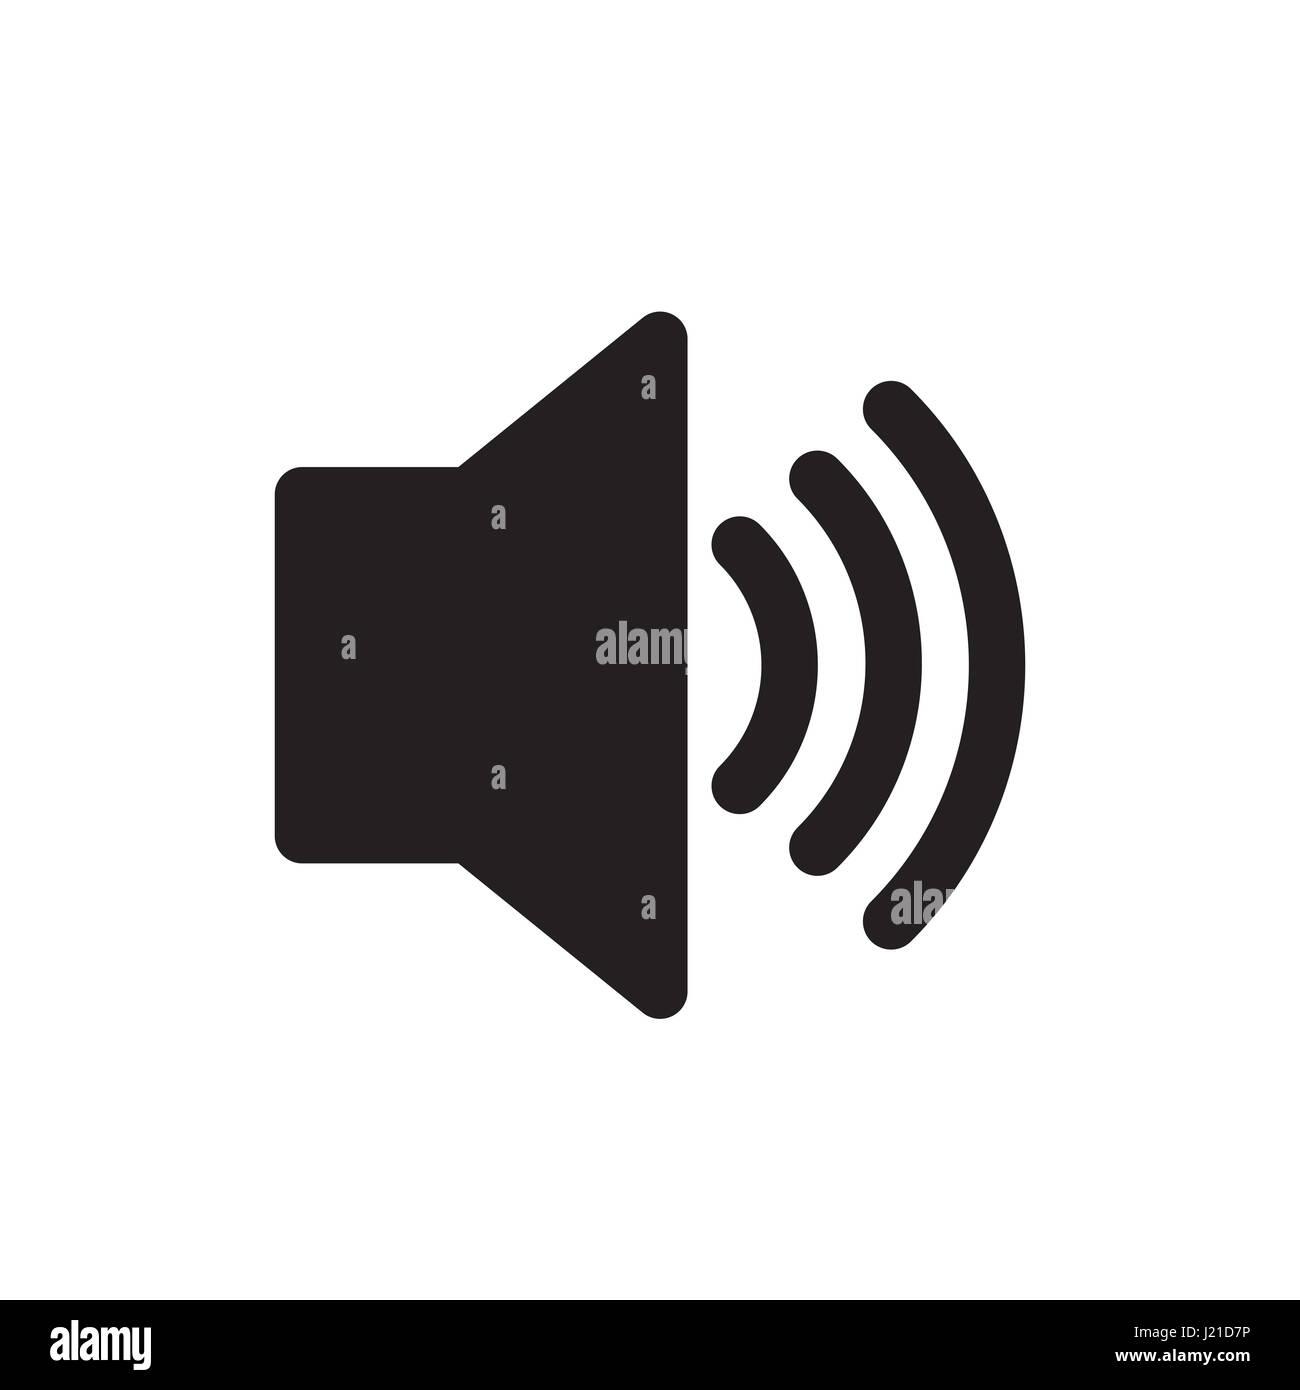 speaker icon image Stock Photo: 138944618 - Alamy